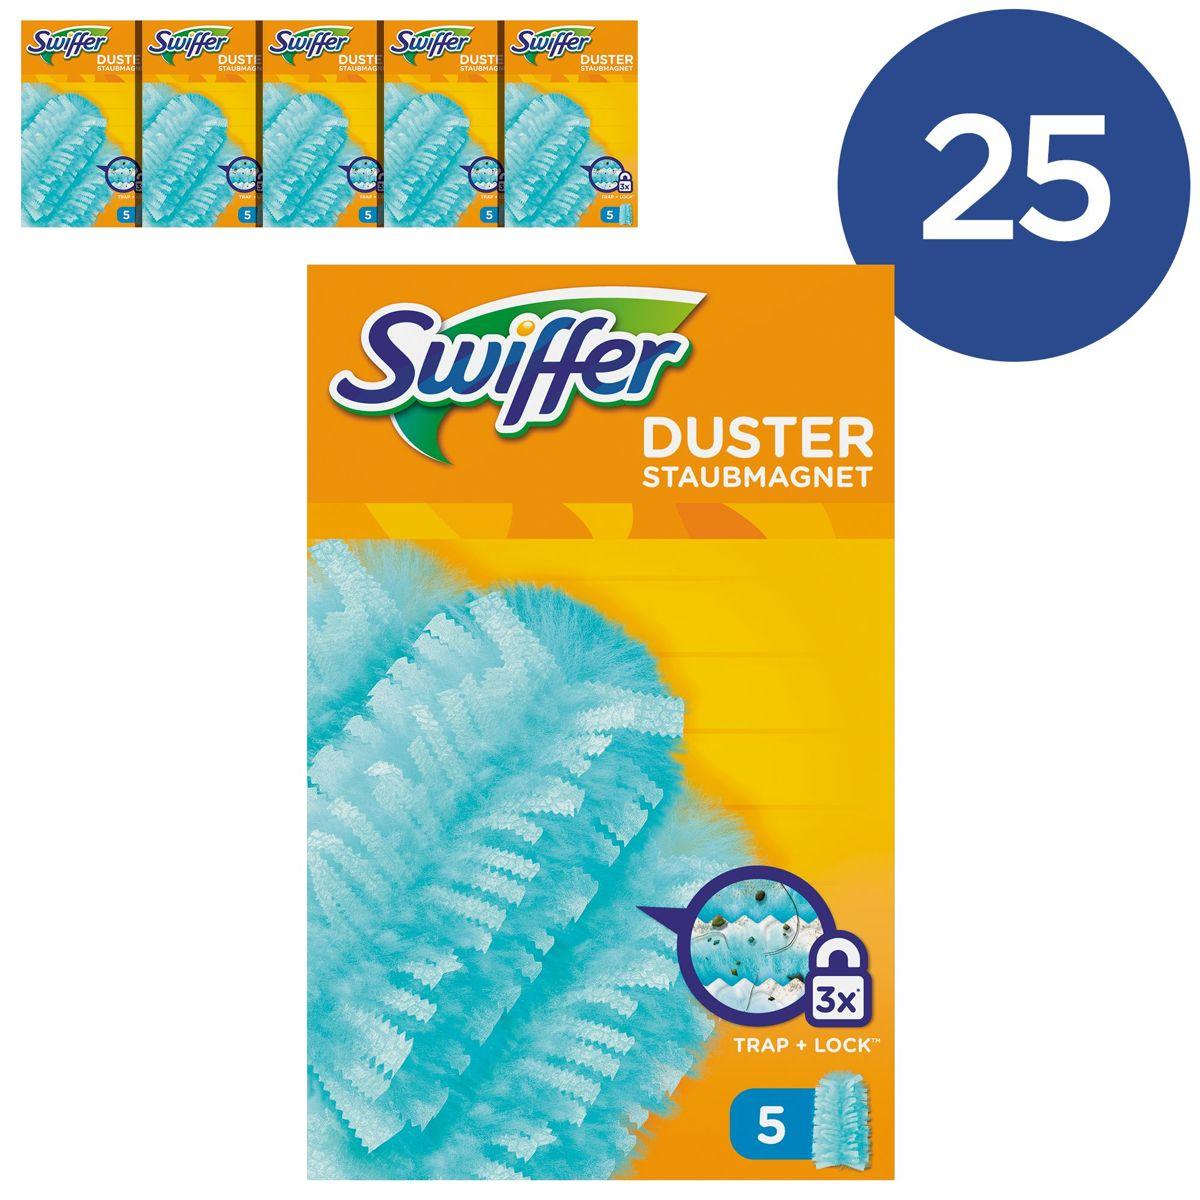 Swiffer Duster Navulling - Voordeelverpakking 25 Stuks (5x5) - Stofdoekjes kopen